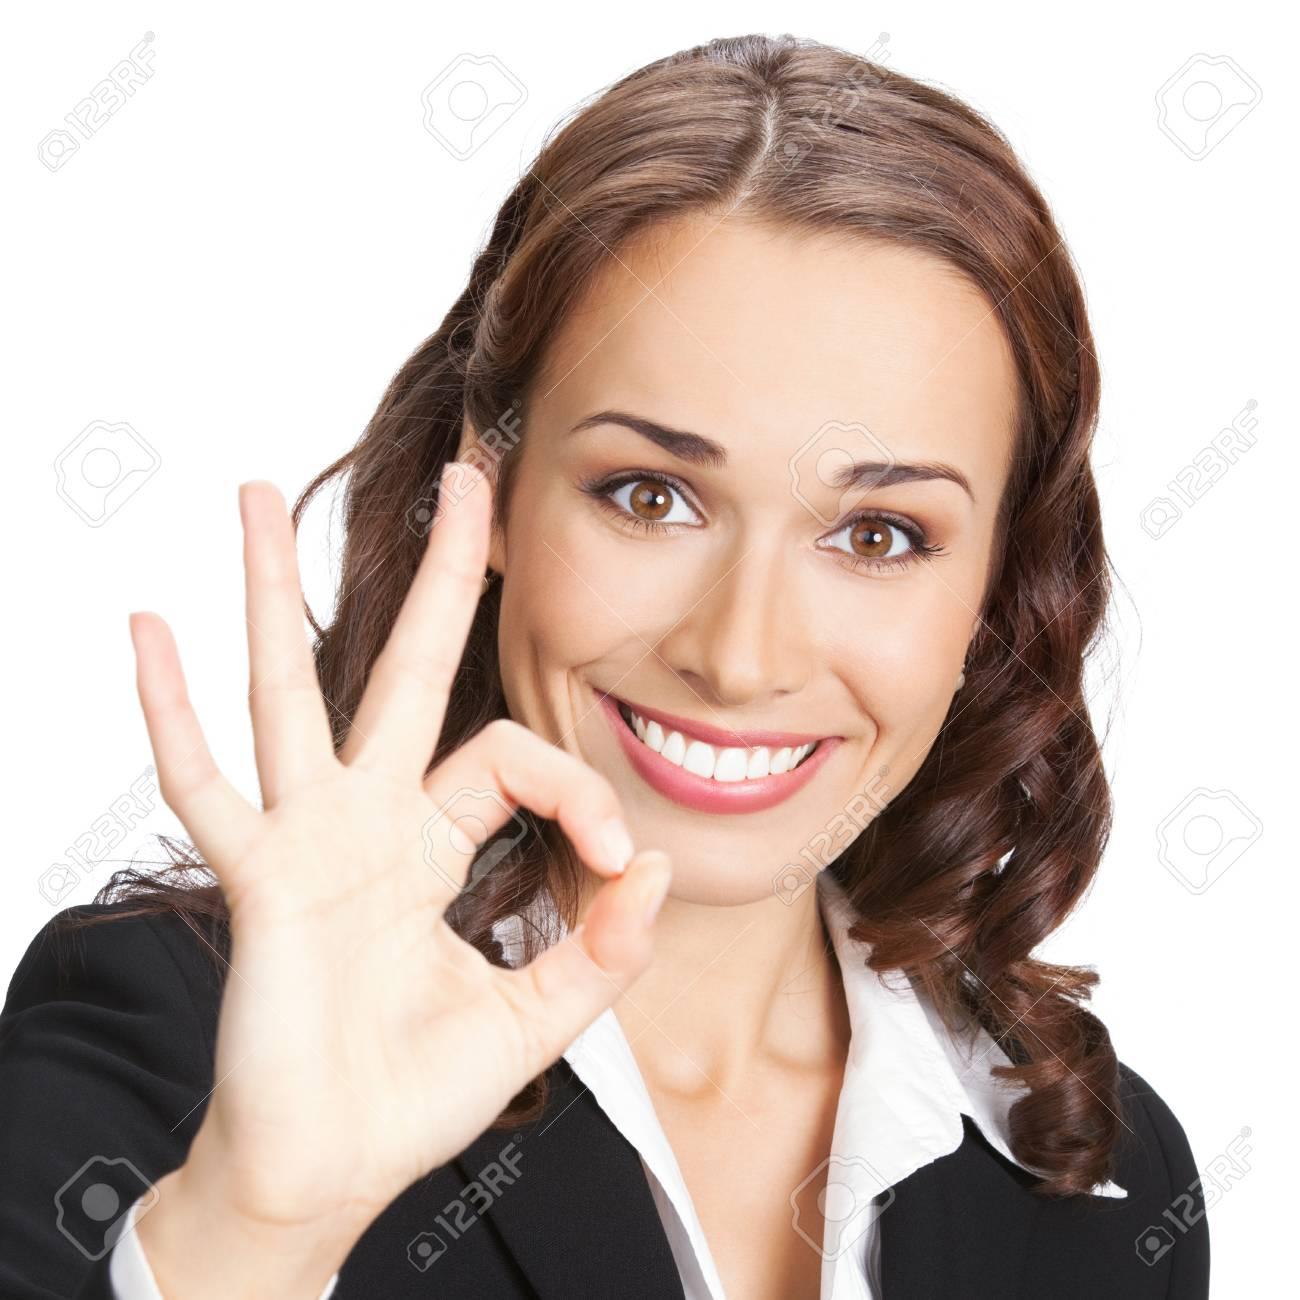 033323a2dc Bonne femme d'affaires souriant avec le geste correct, isolé sur fond blanc  Banque